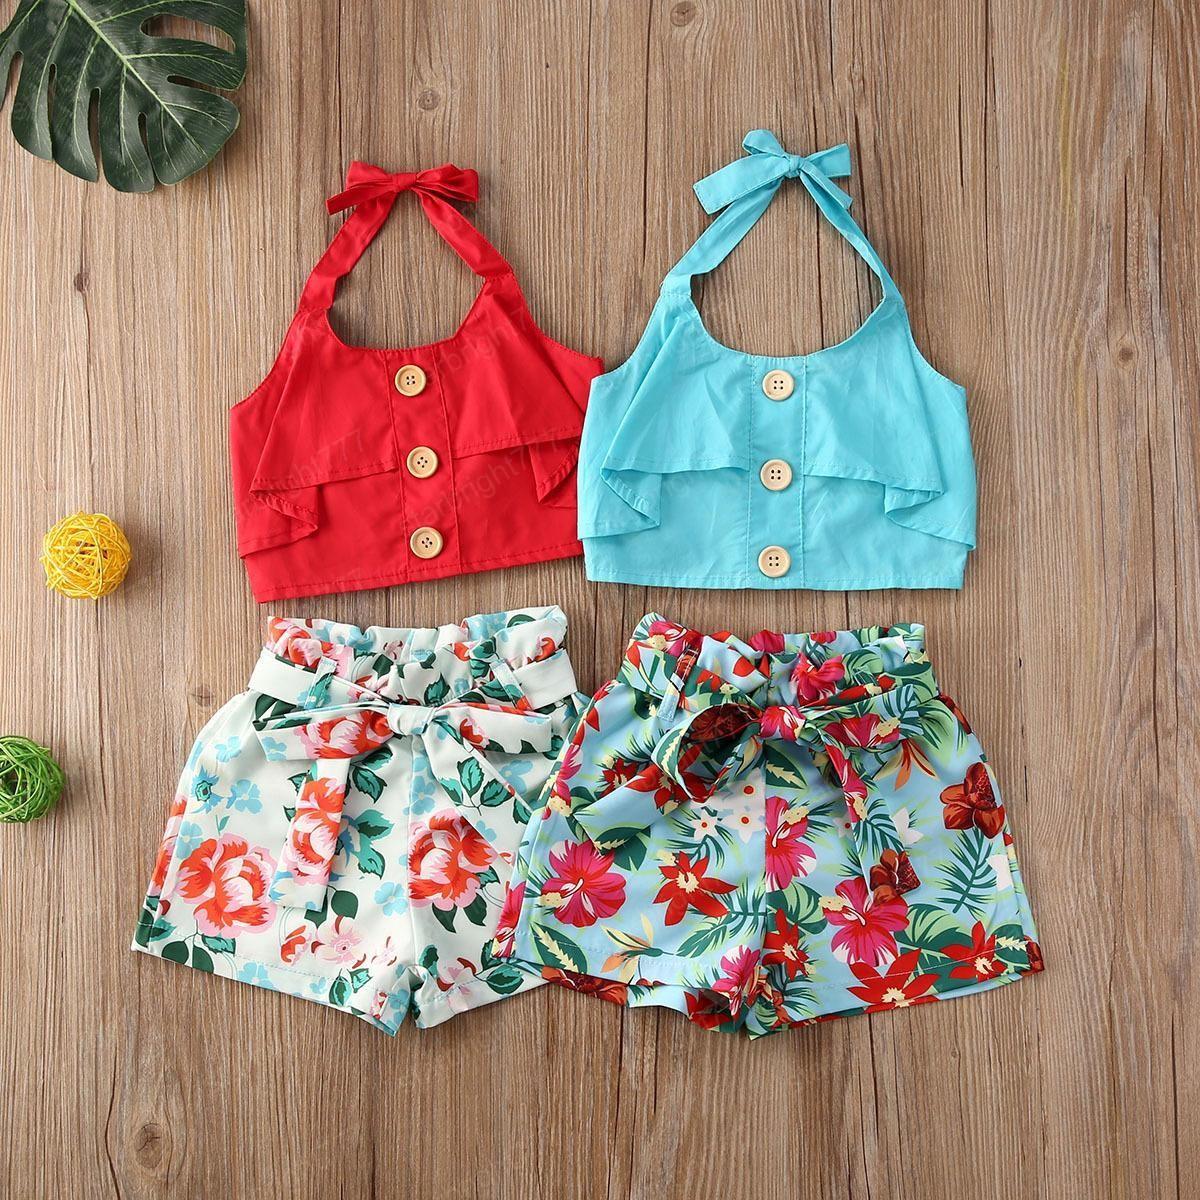 Детская одежда для девочек Наряды детей Слинг Вершин + Bow Цветочные шорты 2pcs / комплект летней моды Бутик Одежда для новорожденных наборы